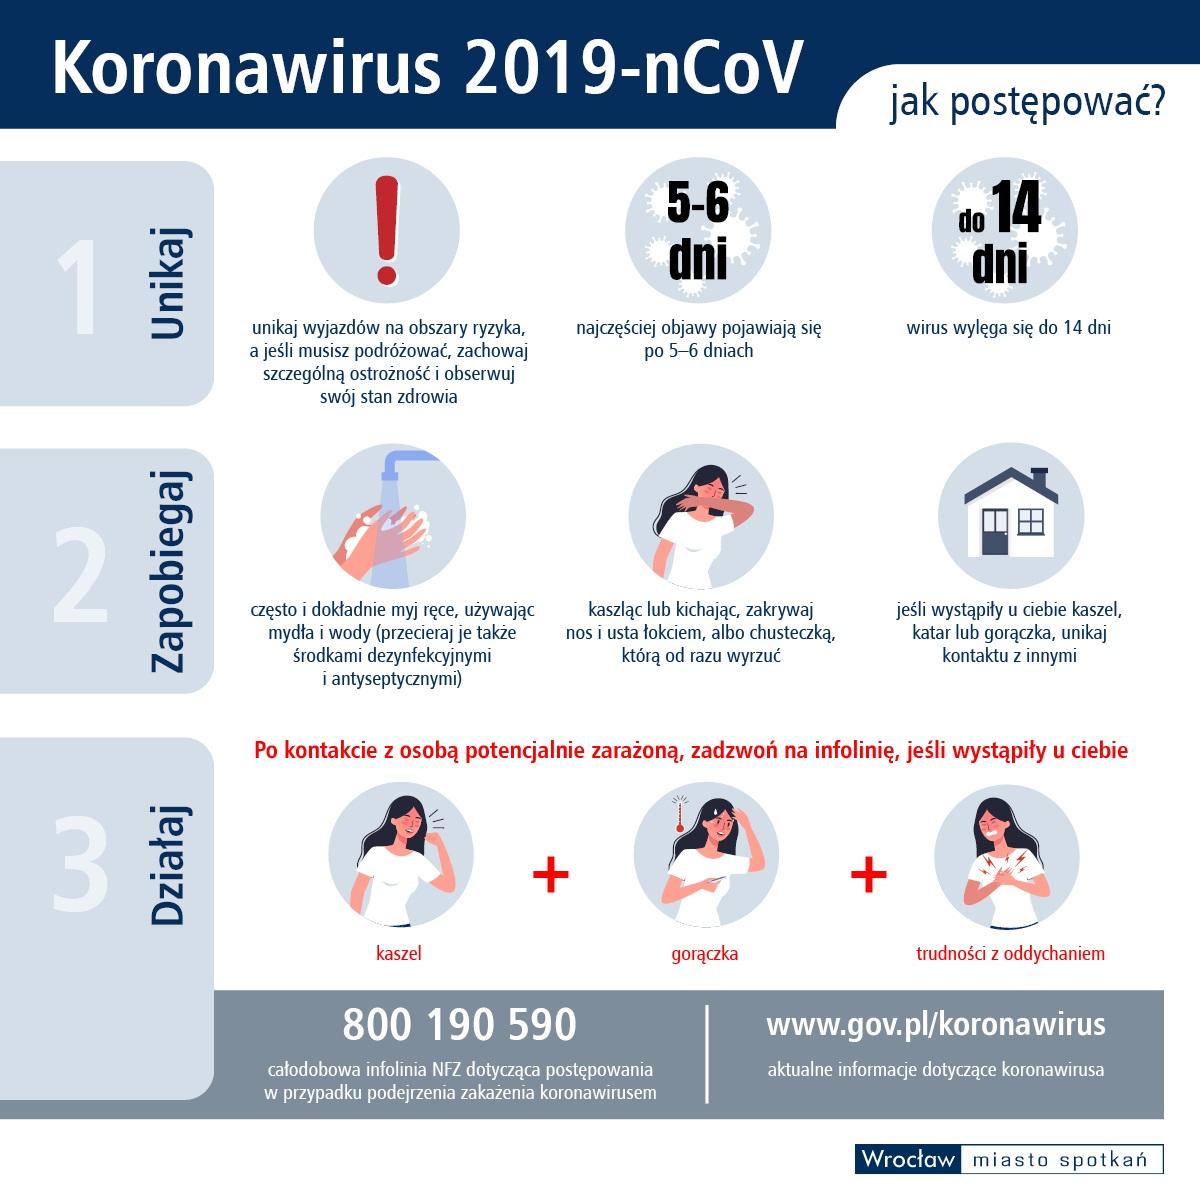 Koronawirus: informacje i zalecenia | www.wroclaw.pl